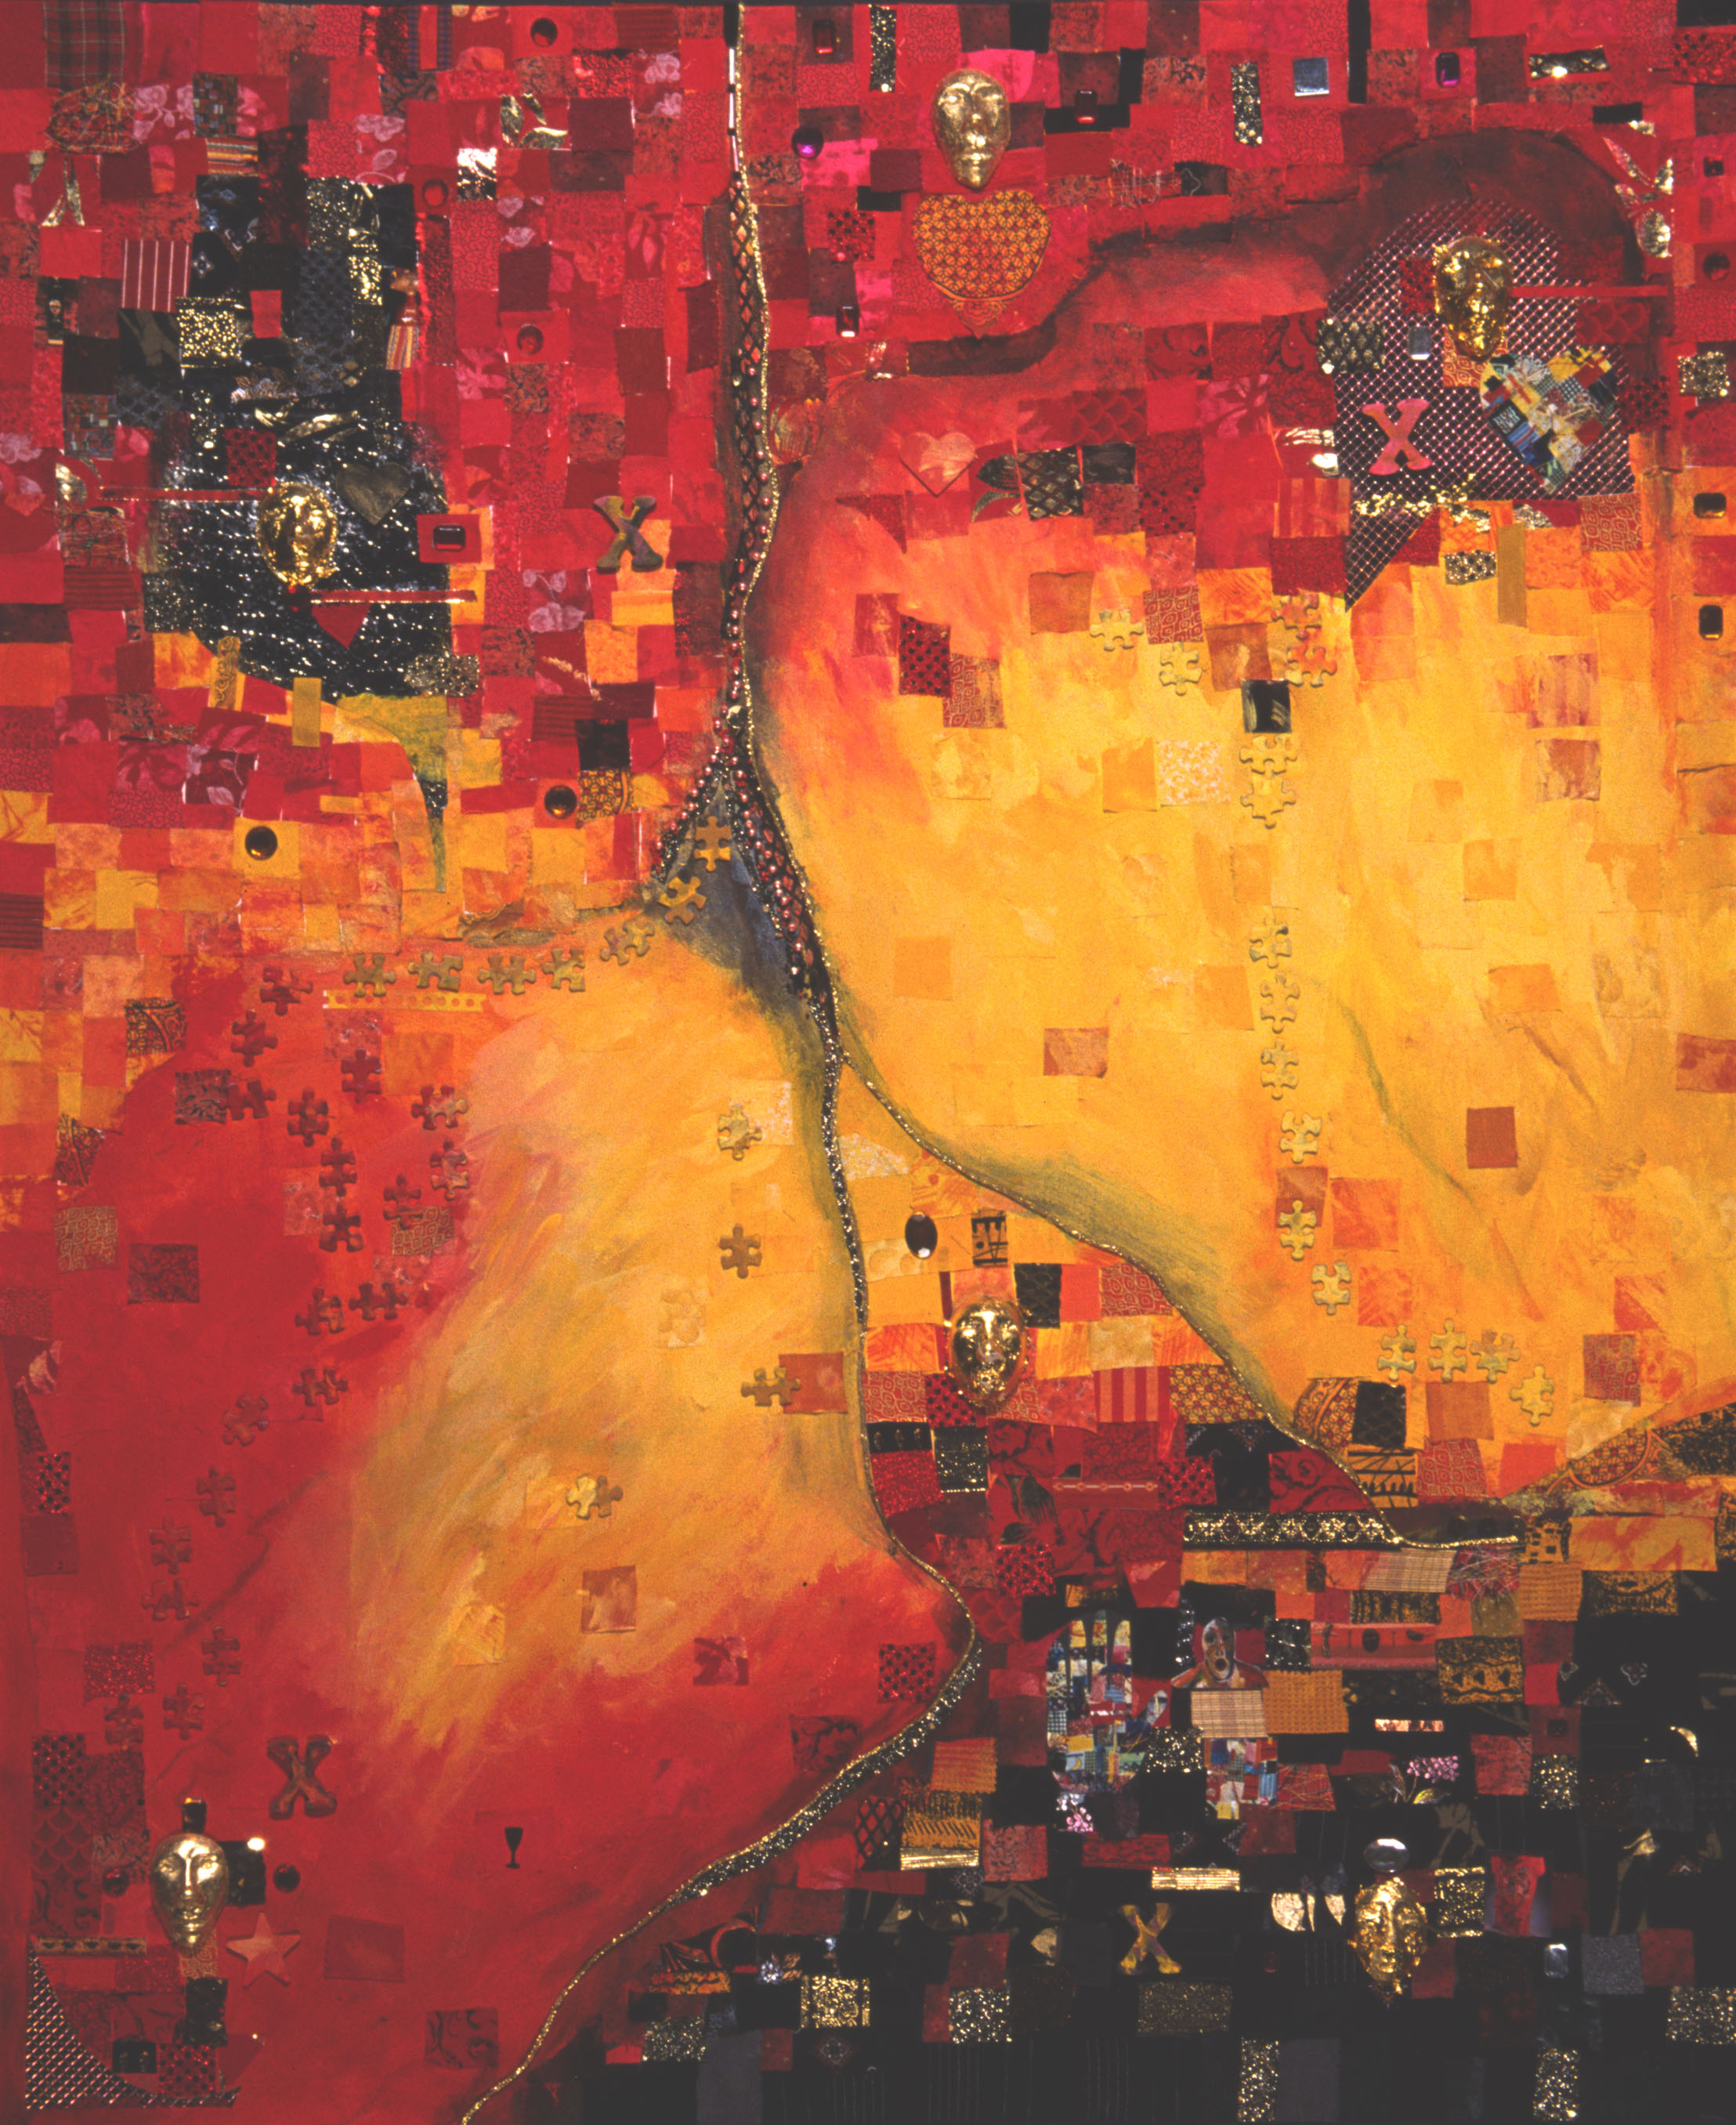 painting-8189169681_2f27267aa2_o.jpg